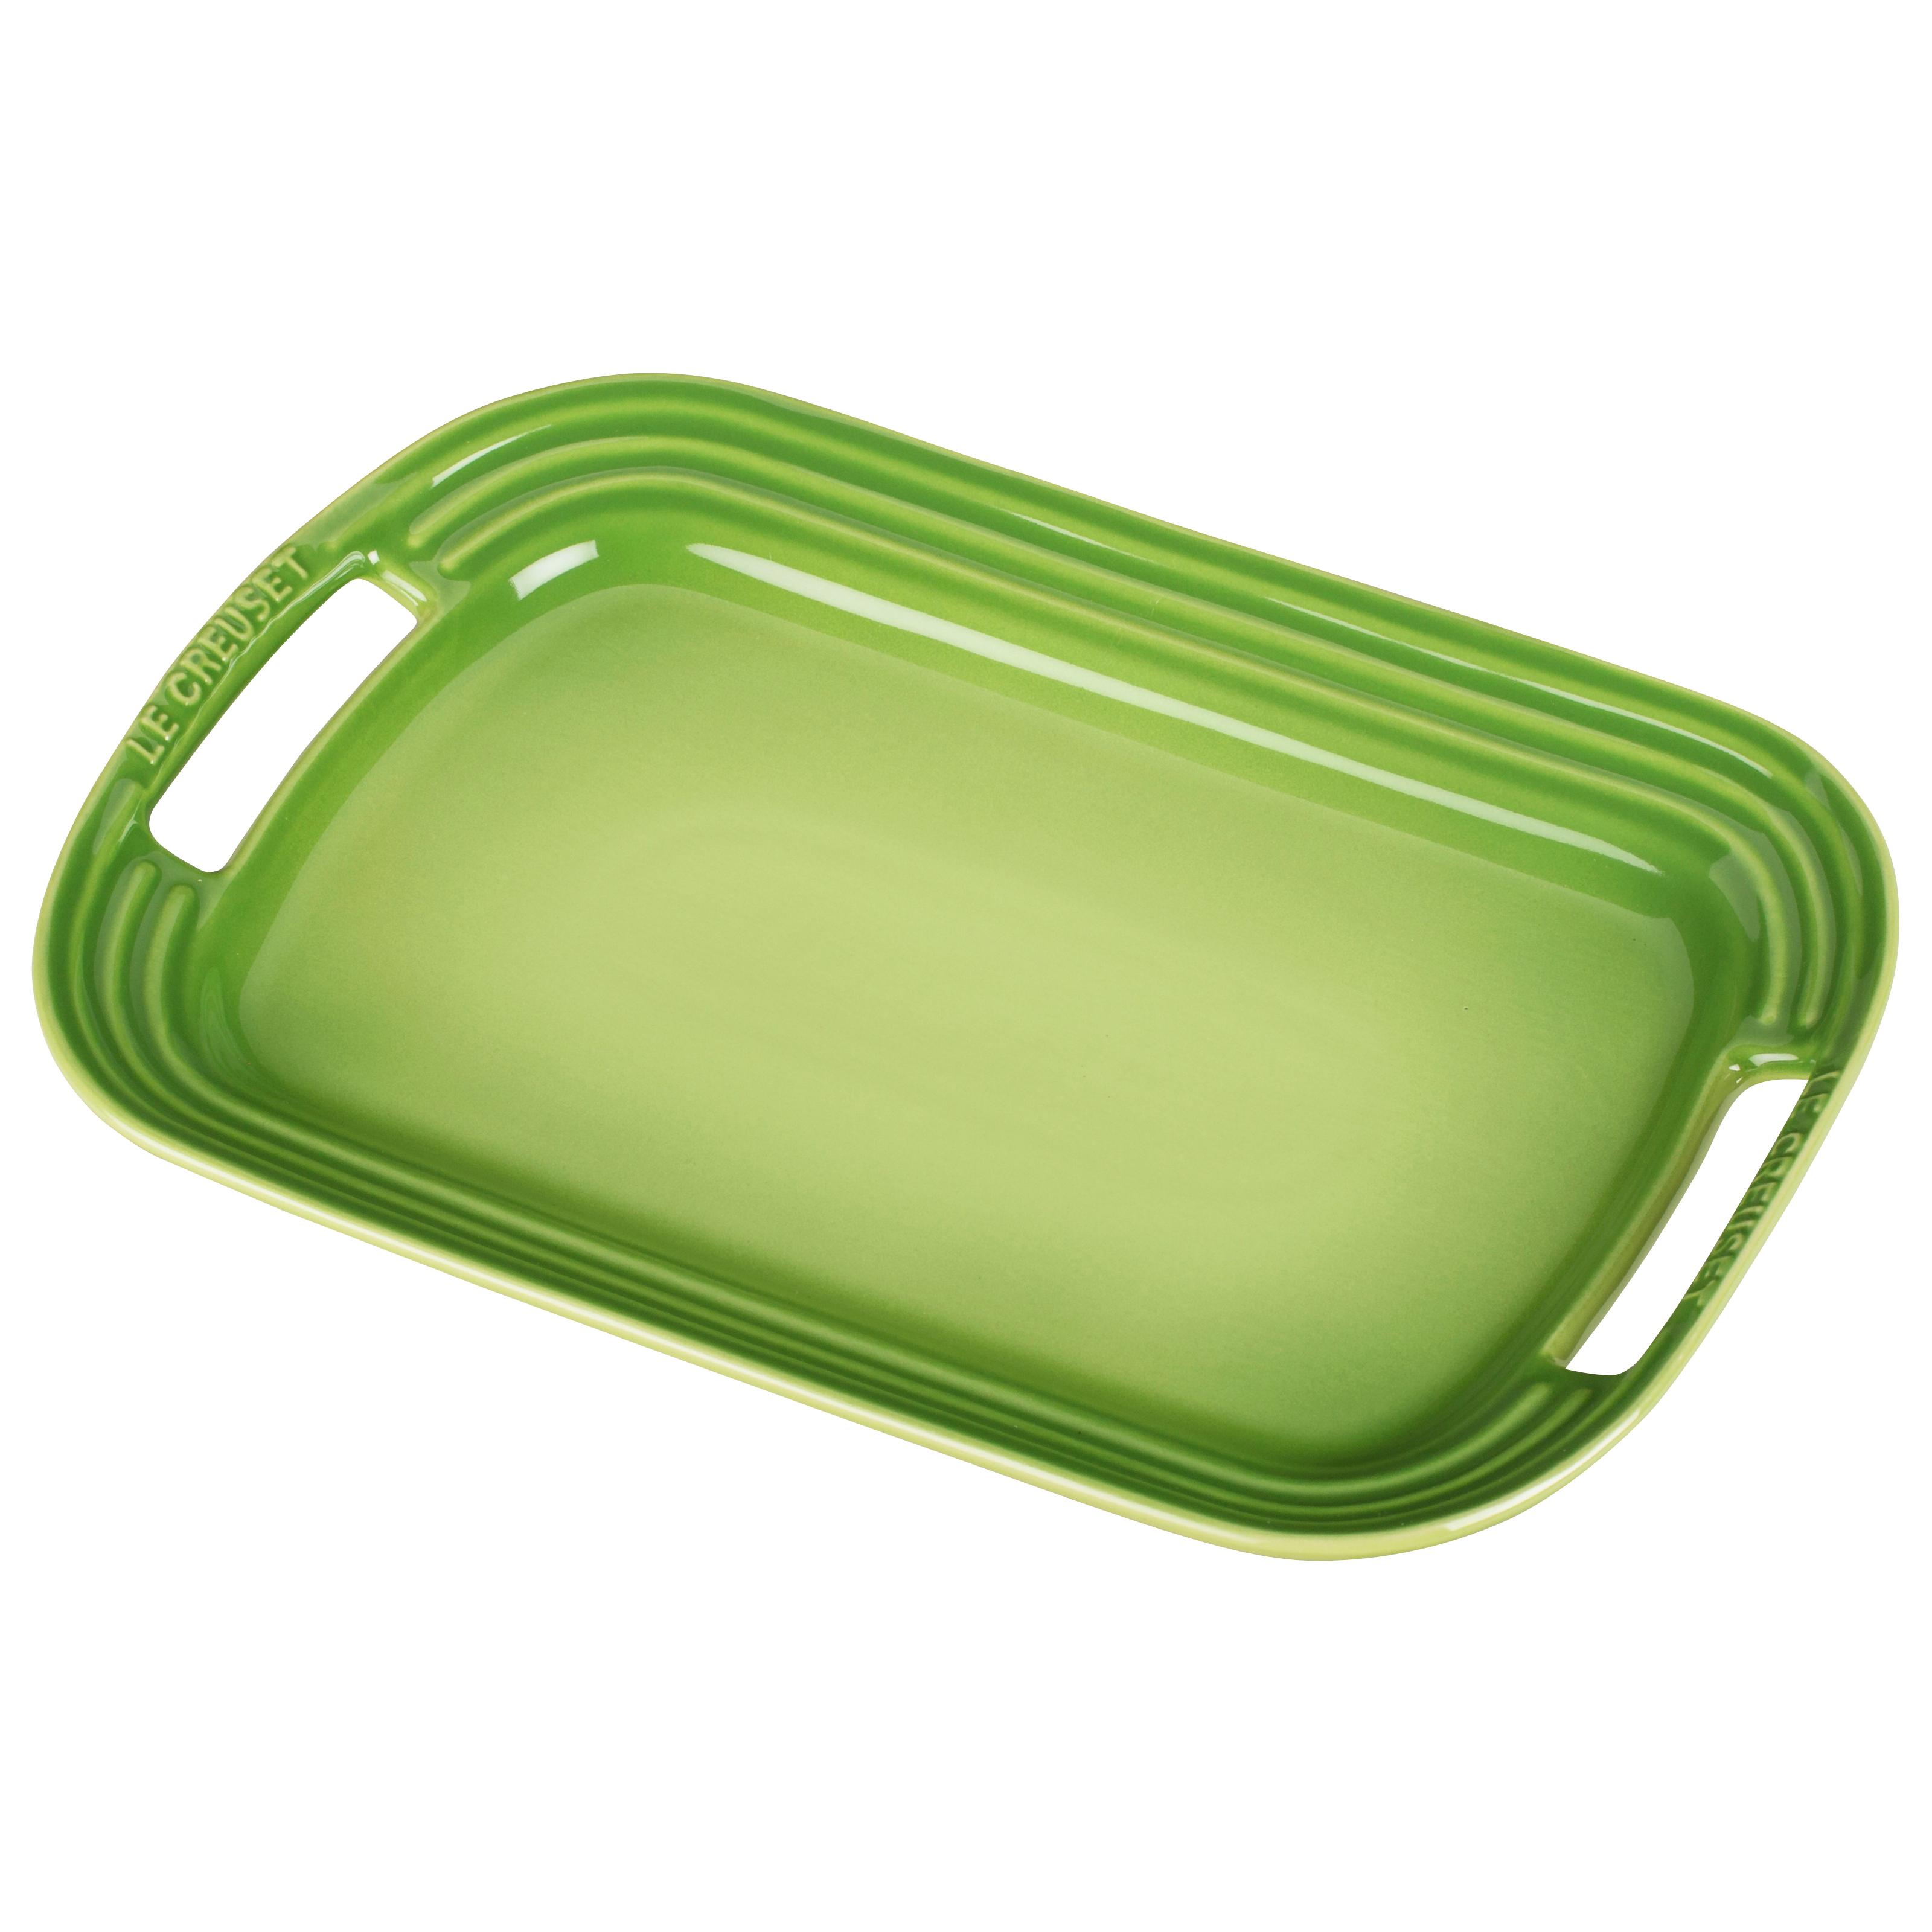 Le Creuset Palm Stoneware Serving Platter, 12.25 x 8.5 Inch